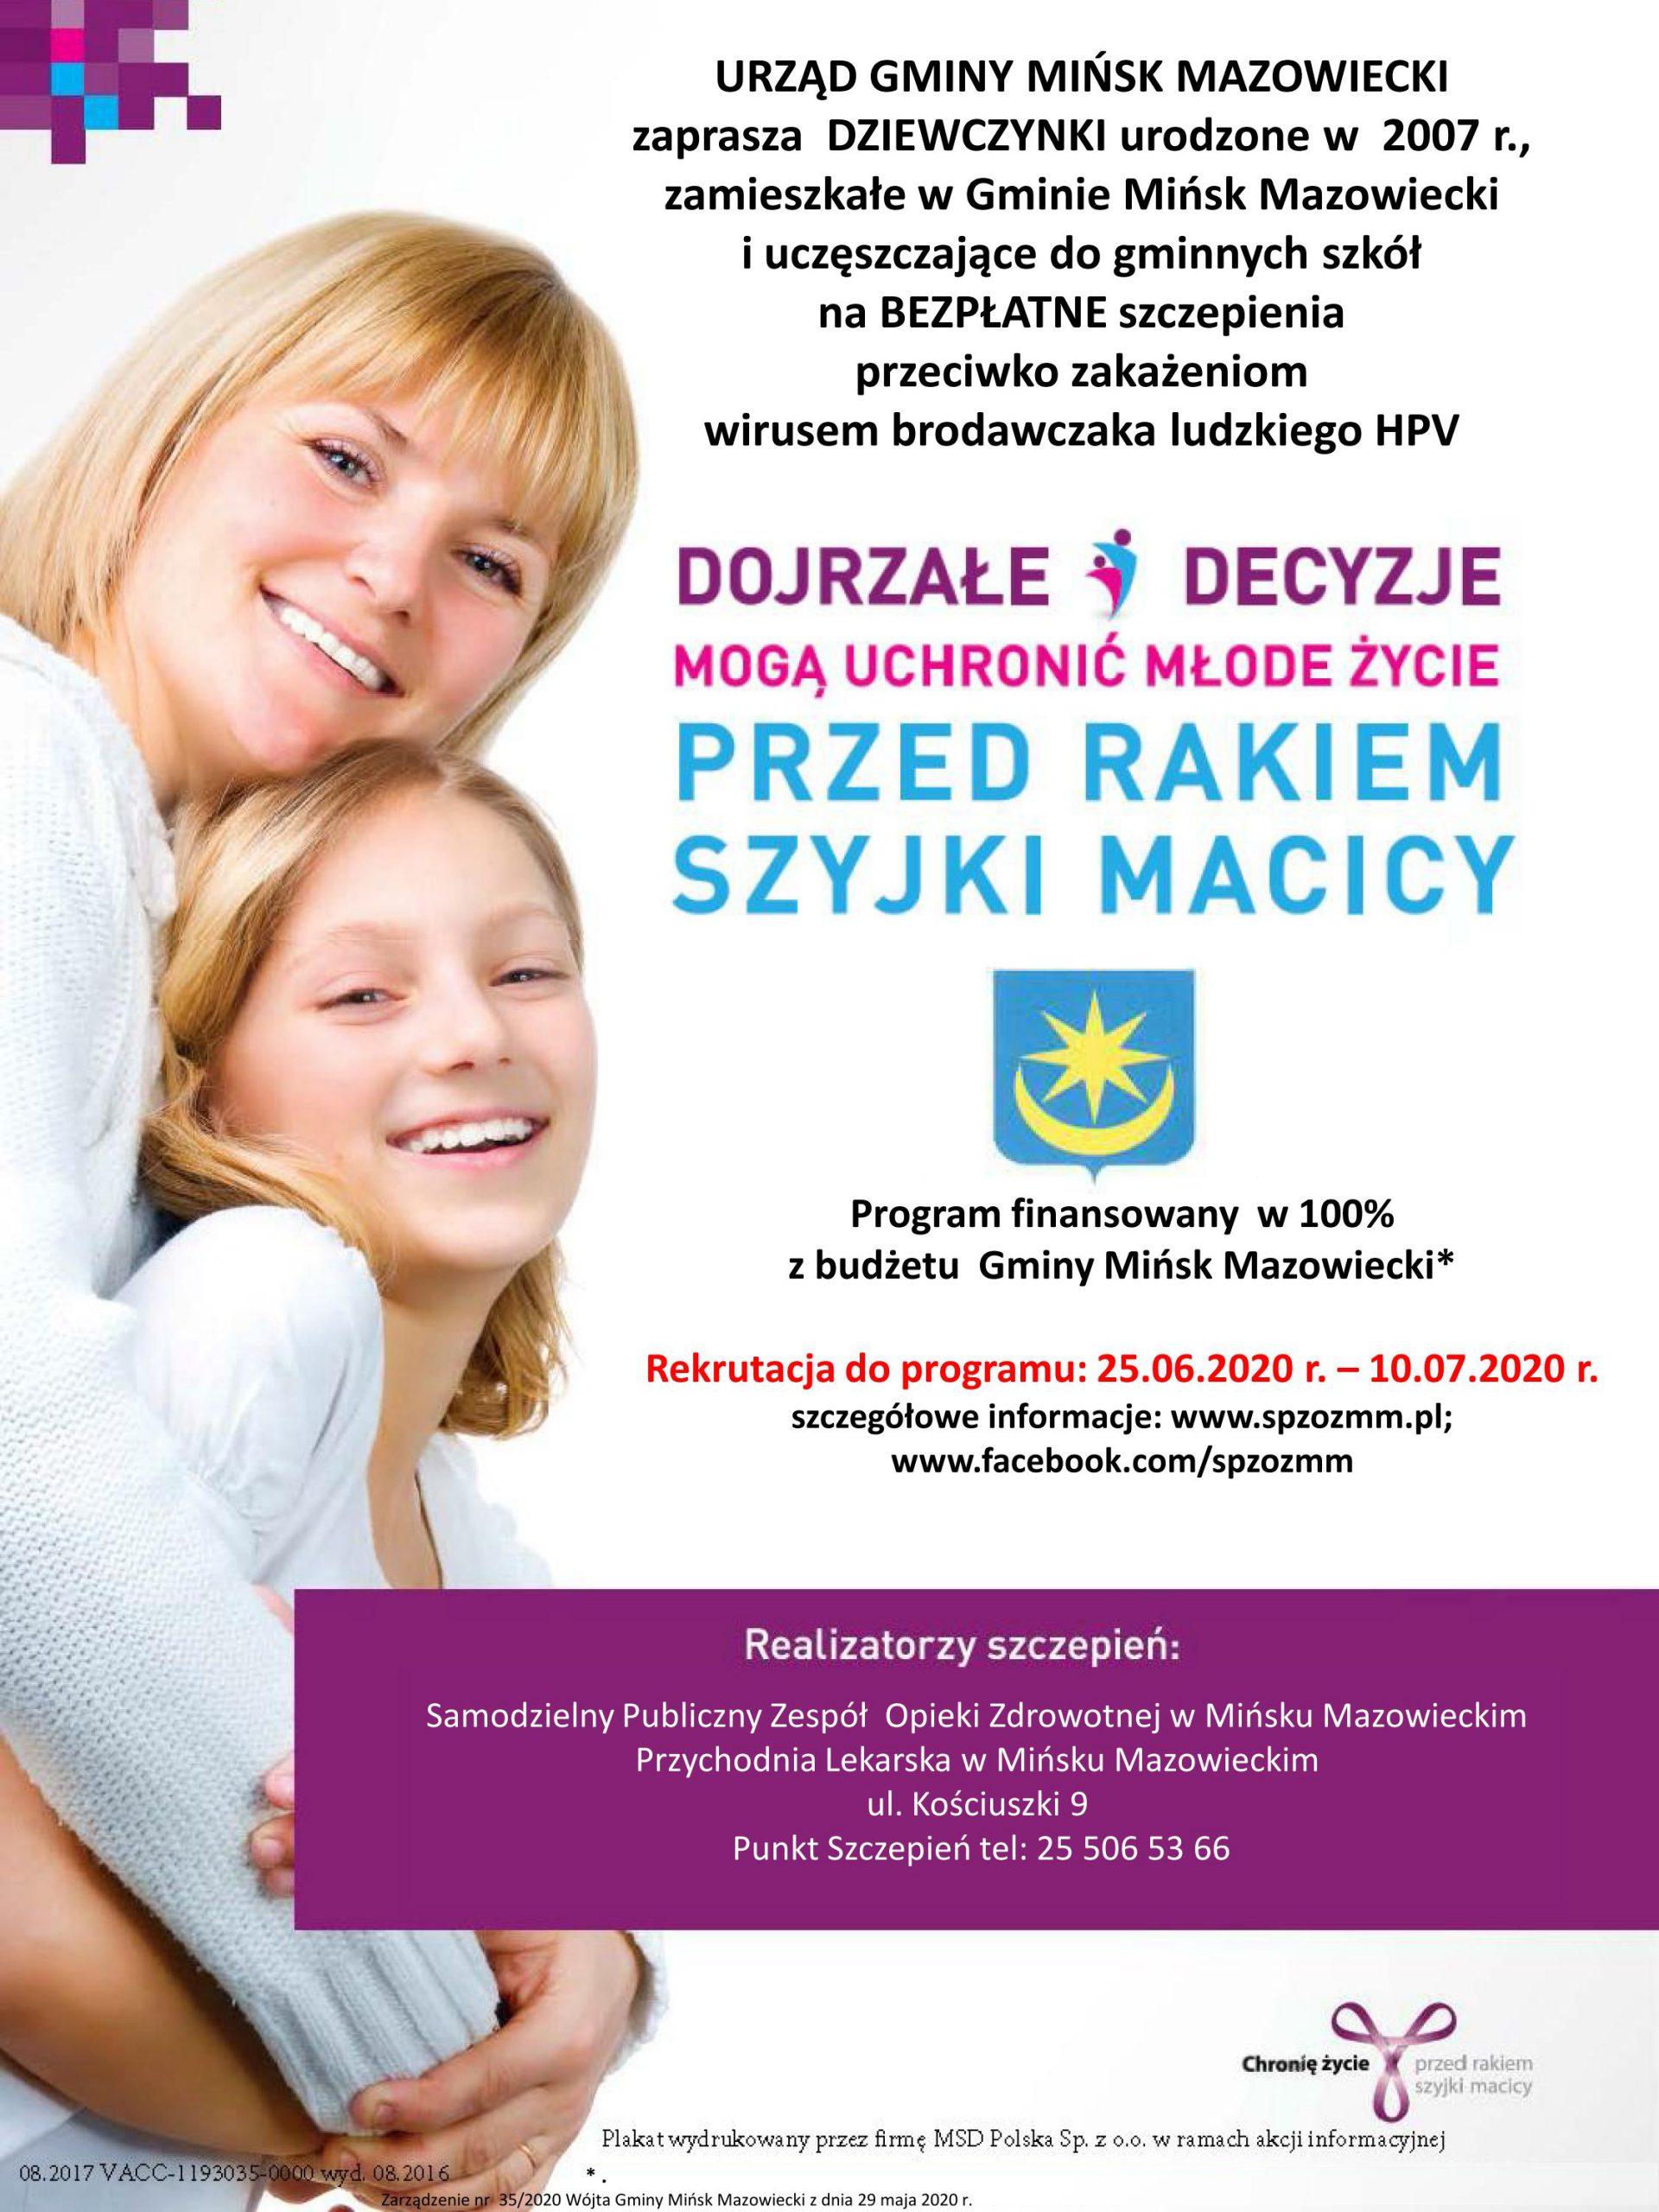 Program profilaktyki zakażeń wirusem brodawczaka ludzkiego (HPV) w Gminie Mińsk Mazowiecki na lata 2016-2020